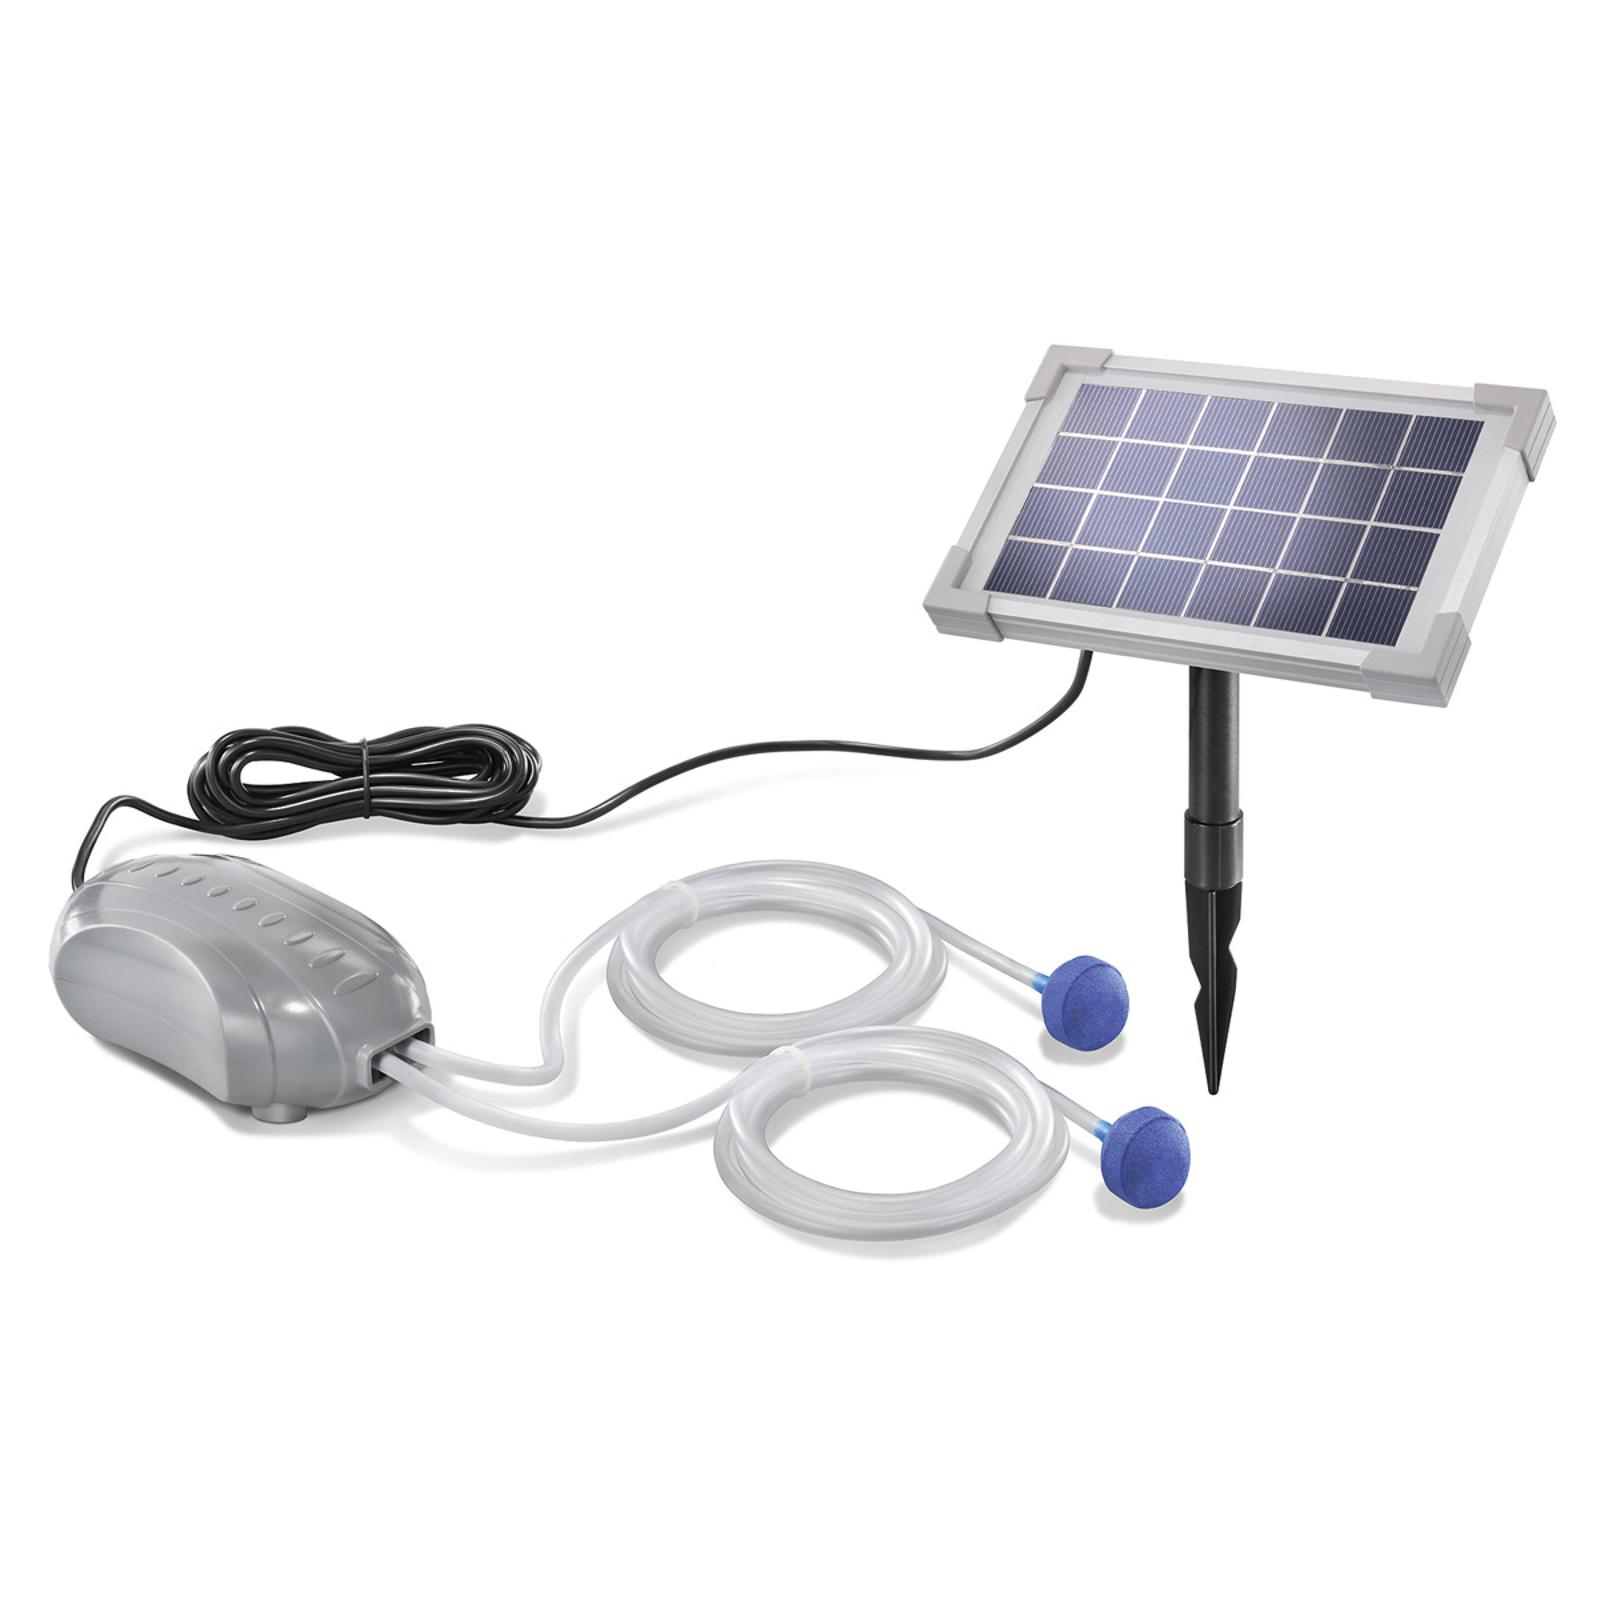 Duo Air – solarny napowietrzacz stawu